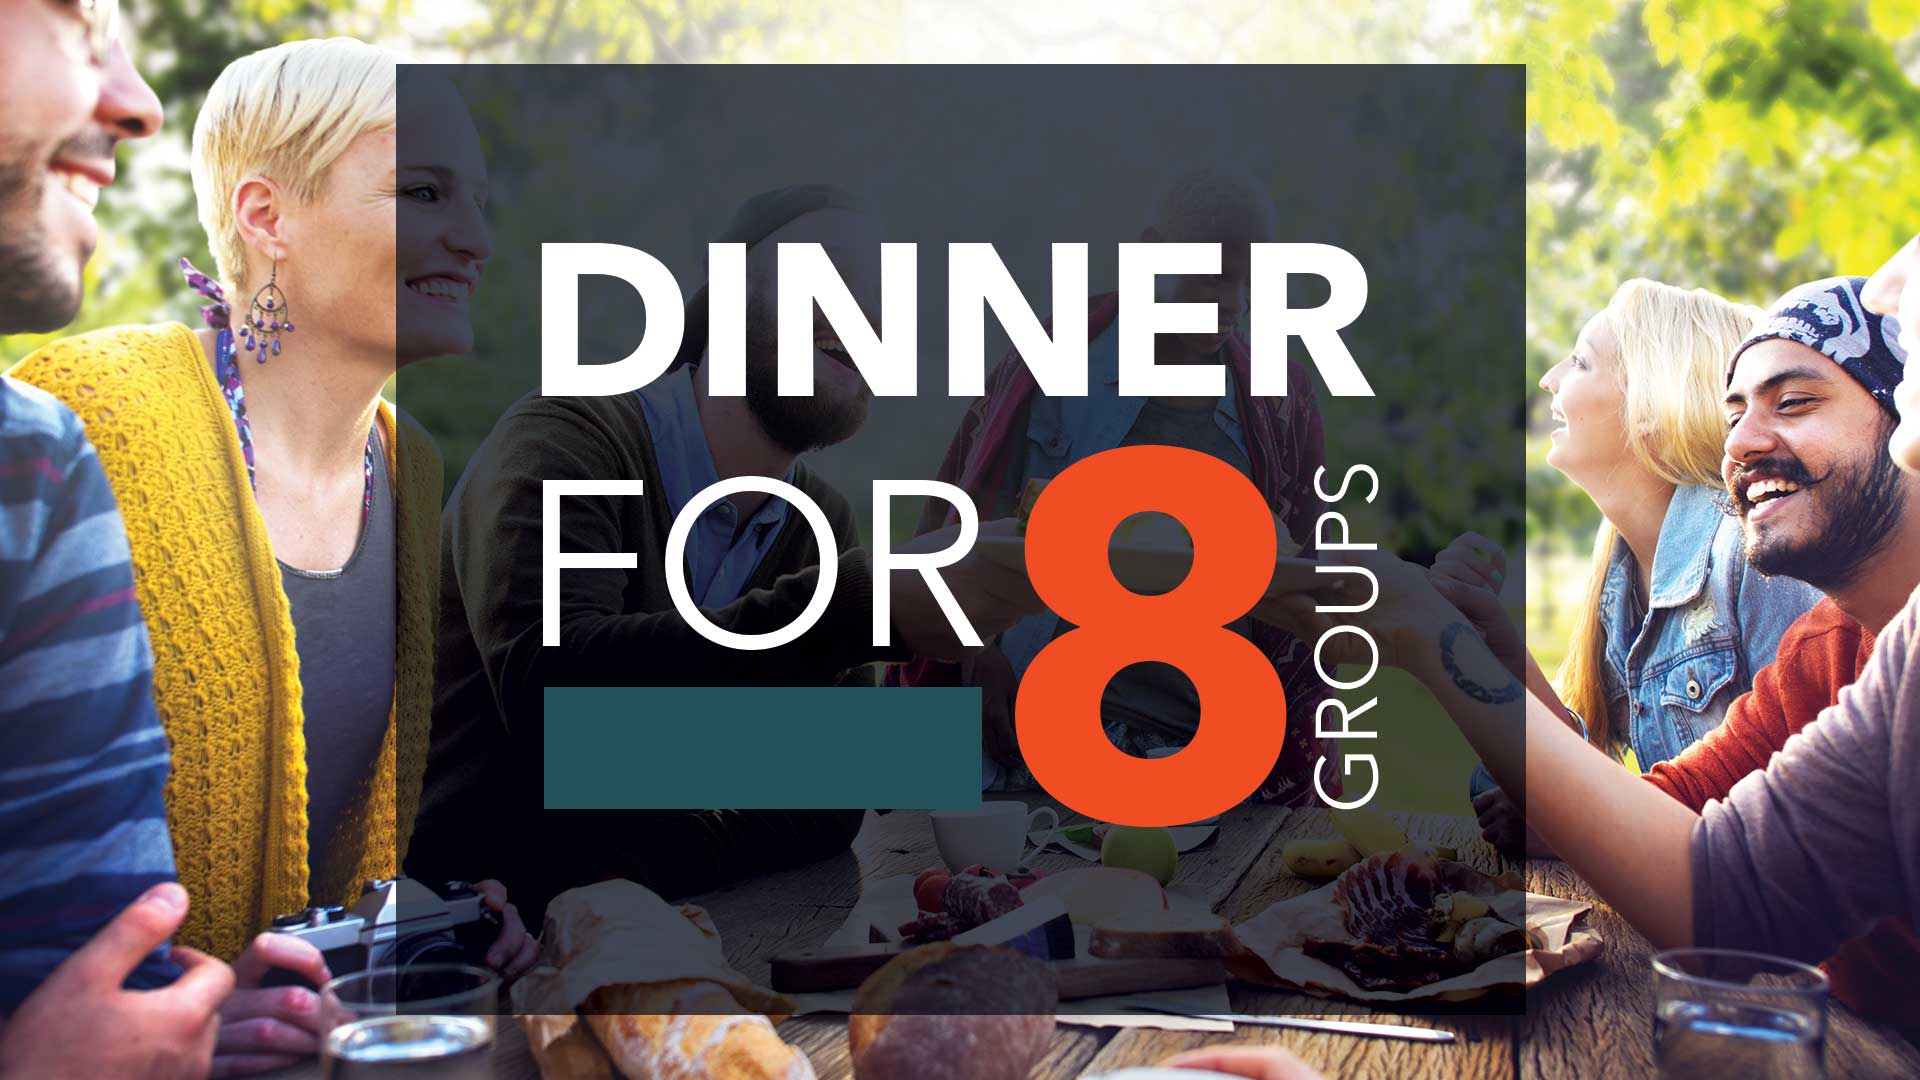 Dinner for 8